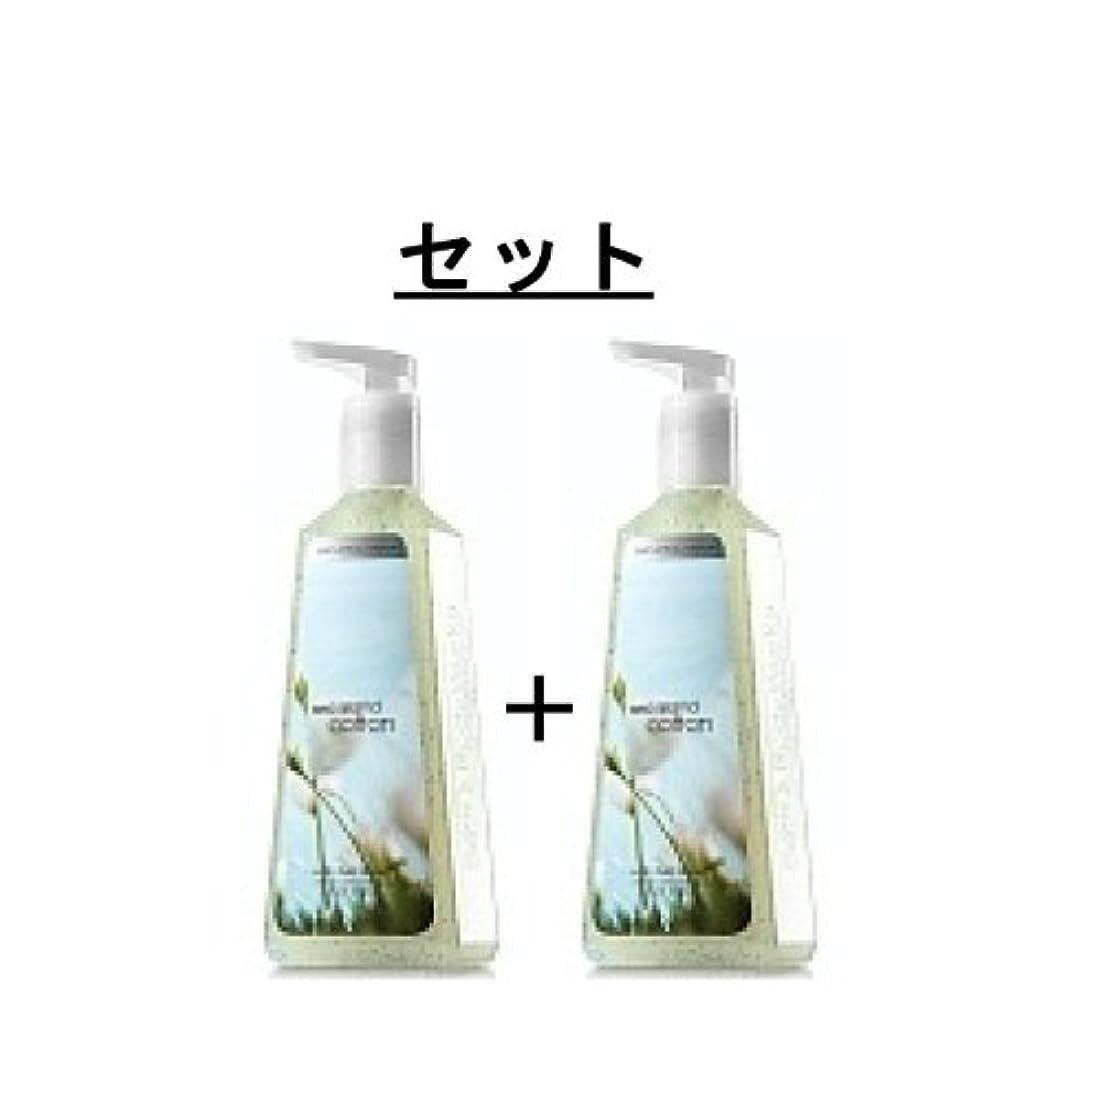 シネウィ読書をする僕のBath & Body Works Sea Island Cotton Antibacterial Deep Cleansing Hand Soap Set of 2 シーアイランドコットン【並行輸入品】